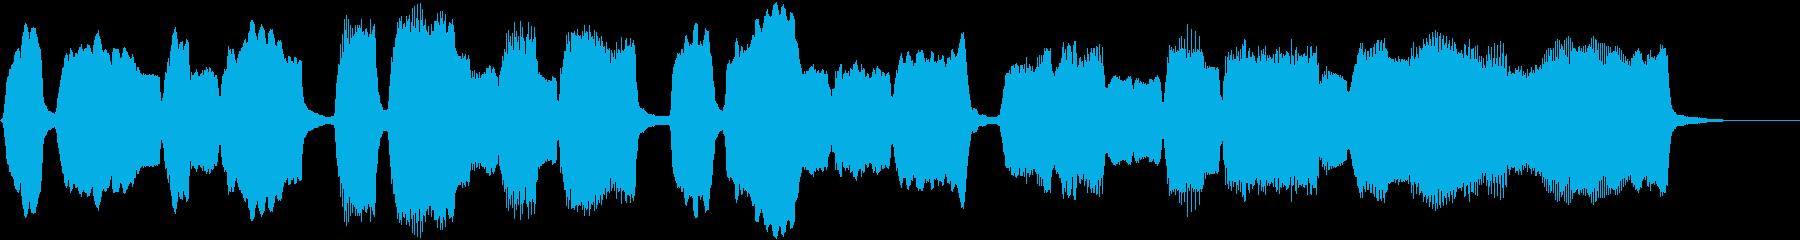 パイプオルガン独奏落ち着いた小曲バッハ風の再生済みの波形